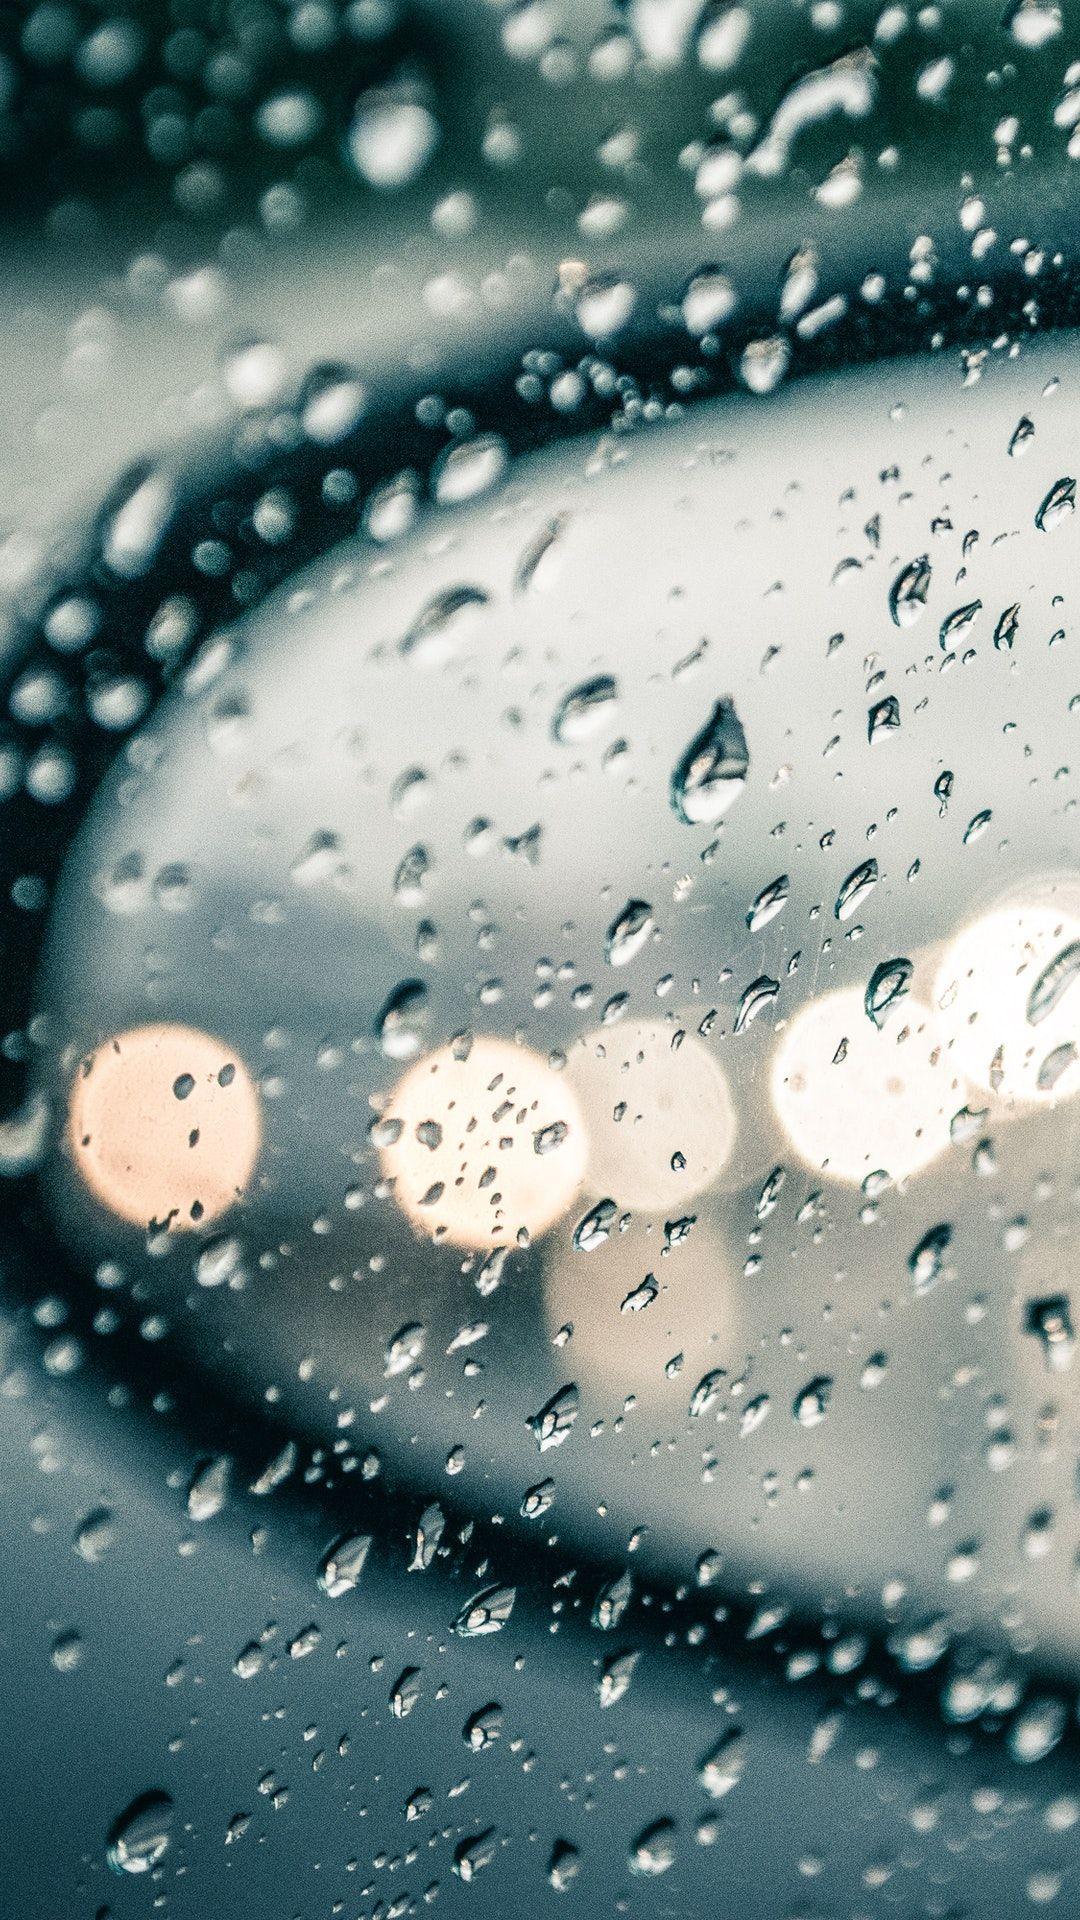 4k Rain Drops Wallpaper For Phone In 2021 Rain Drops Wallpaper Phone Wallpaper Watercolour Wallpaper